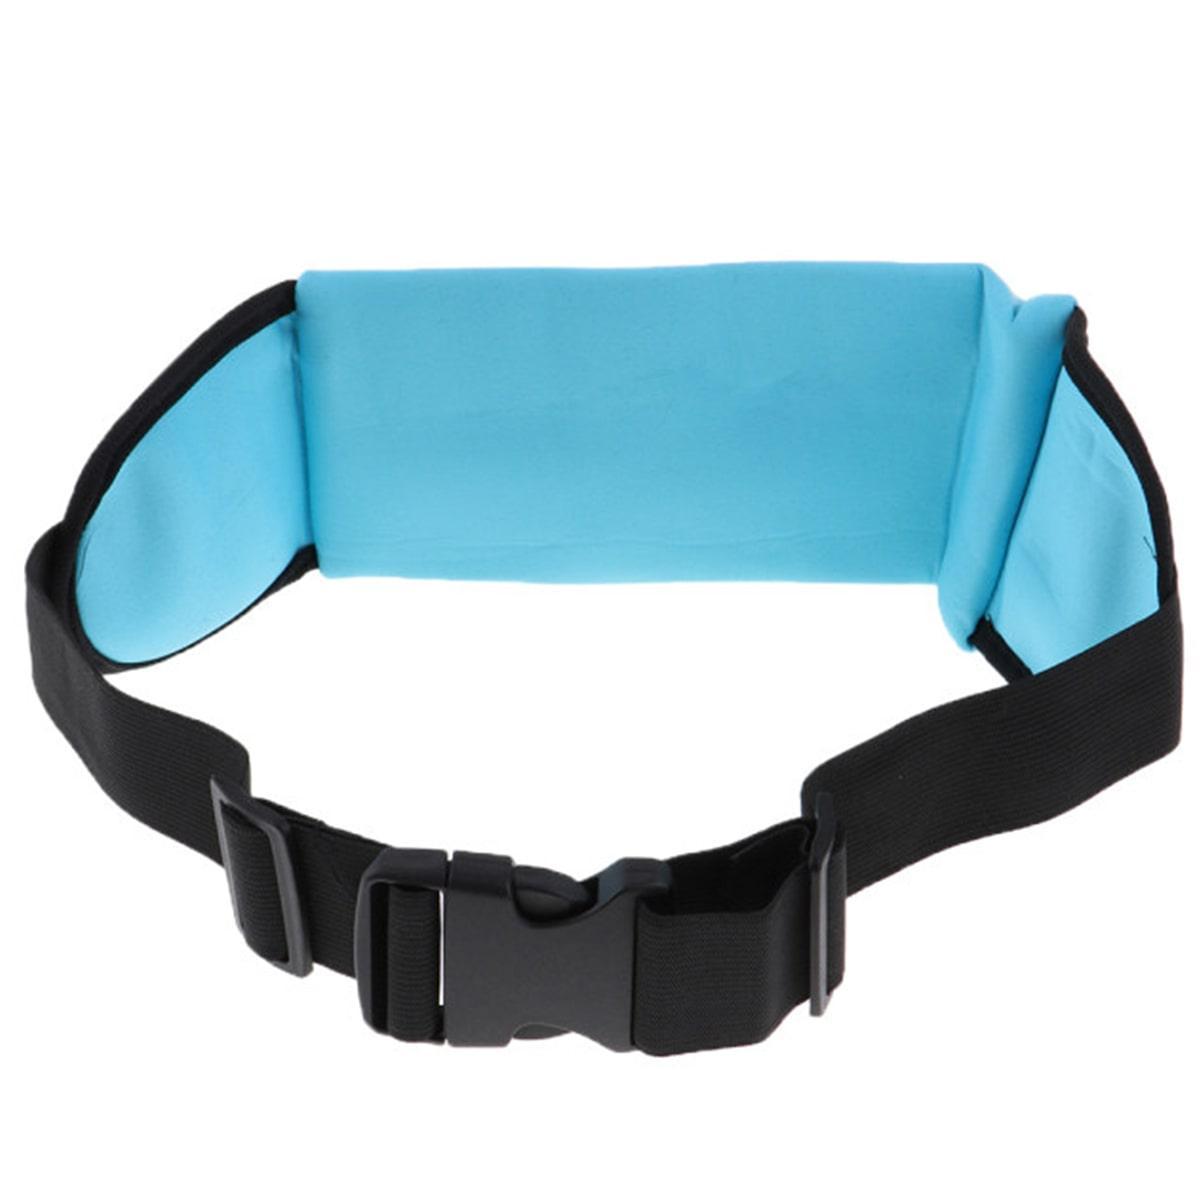 Сумка спортивная поясная для телефона голубая - фото 5